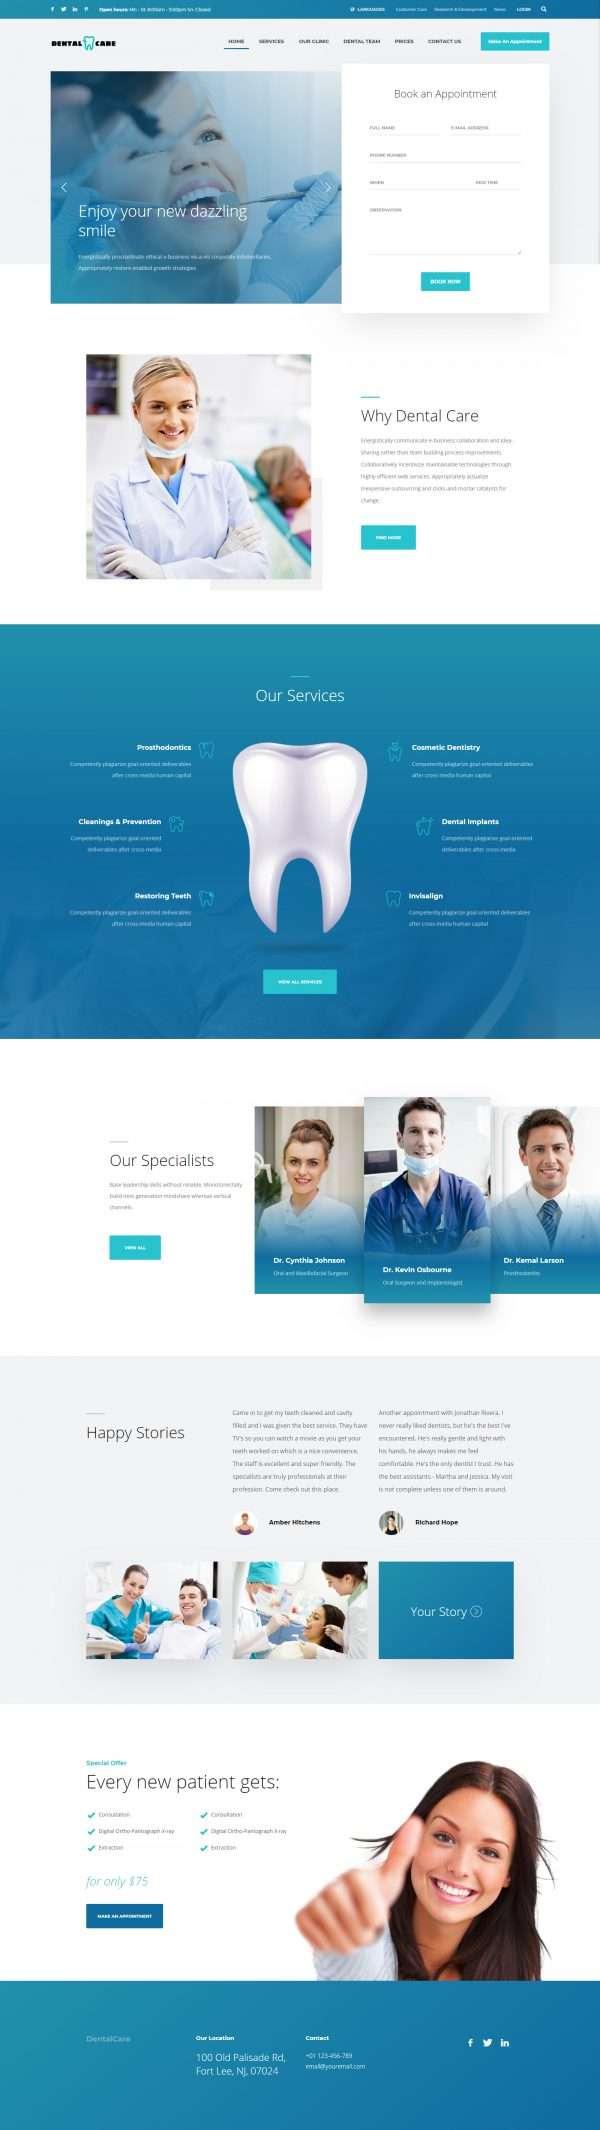 dentalcare website template